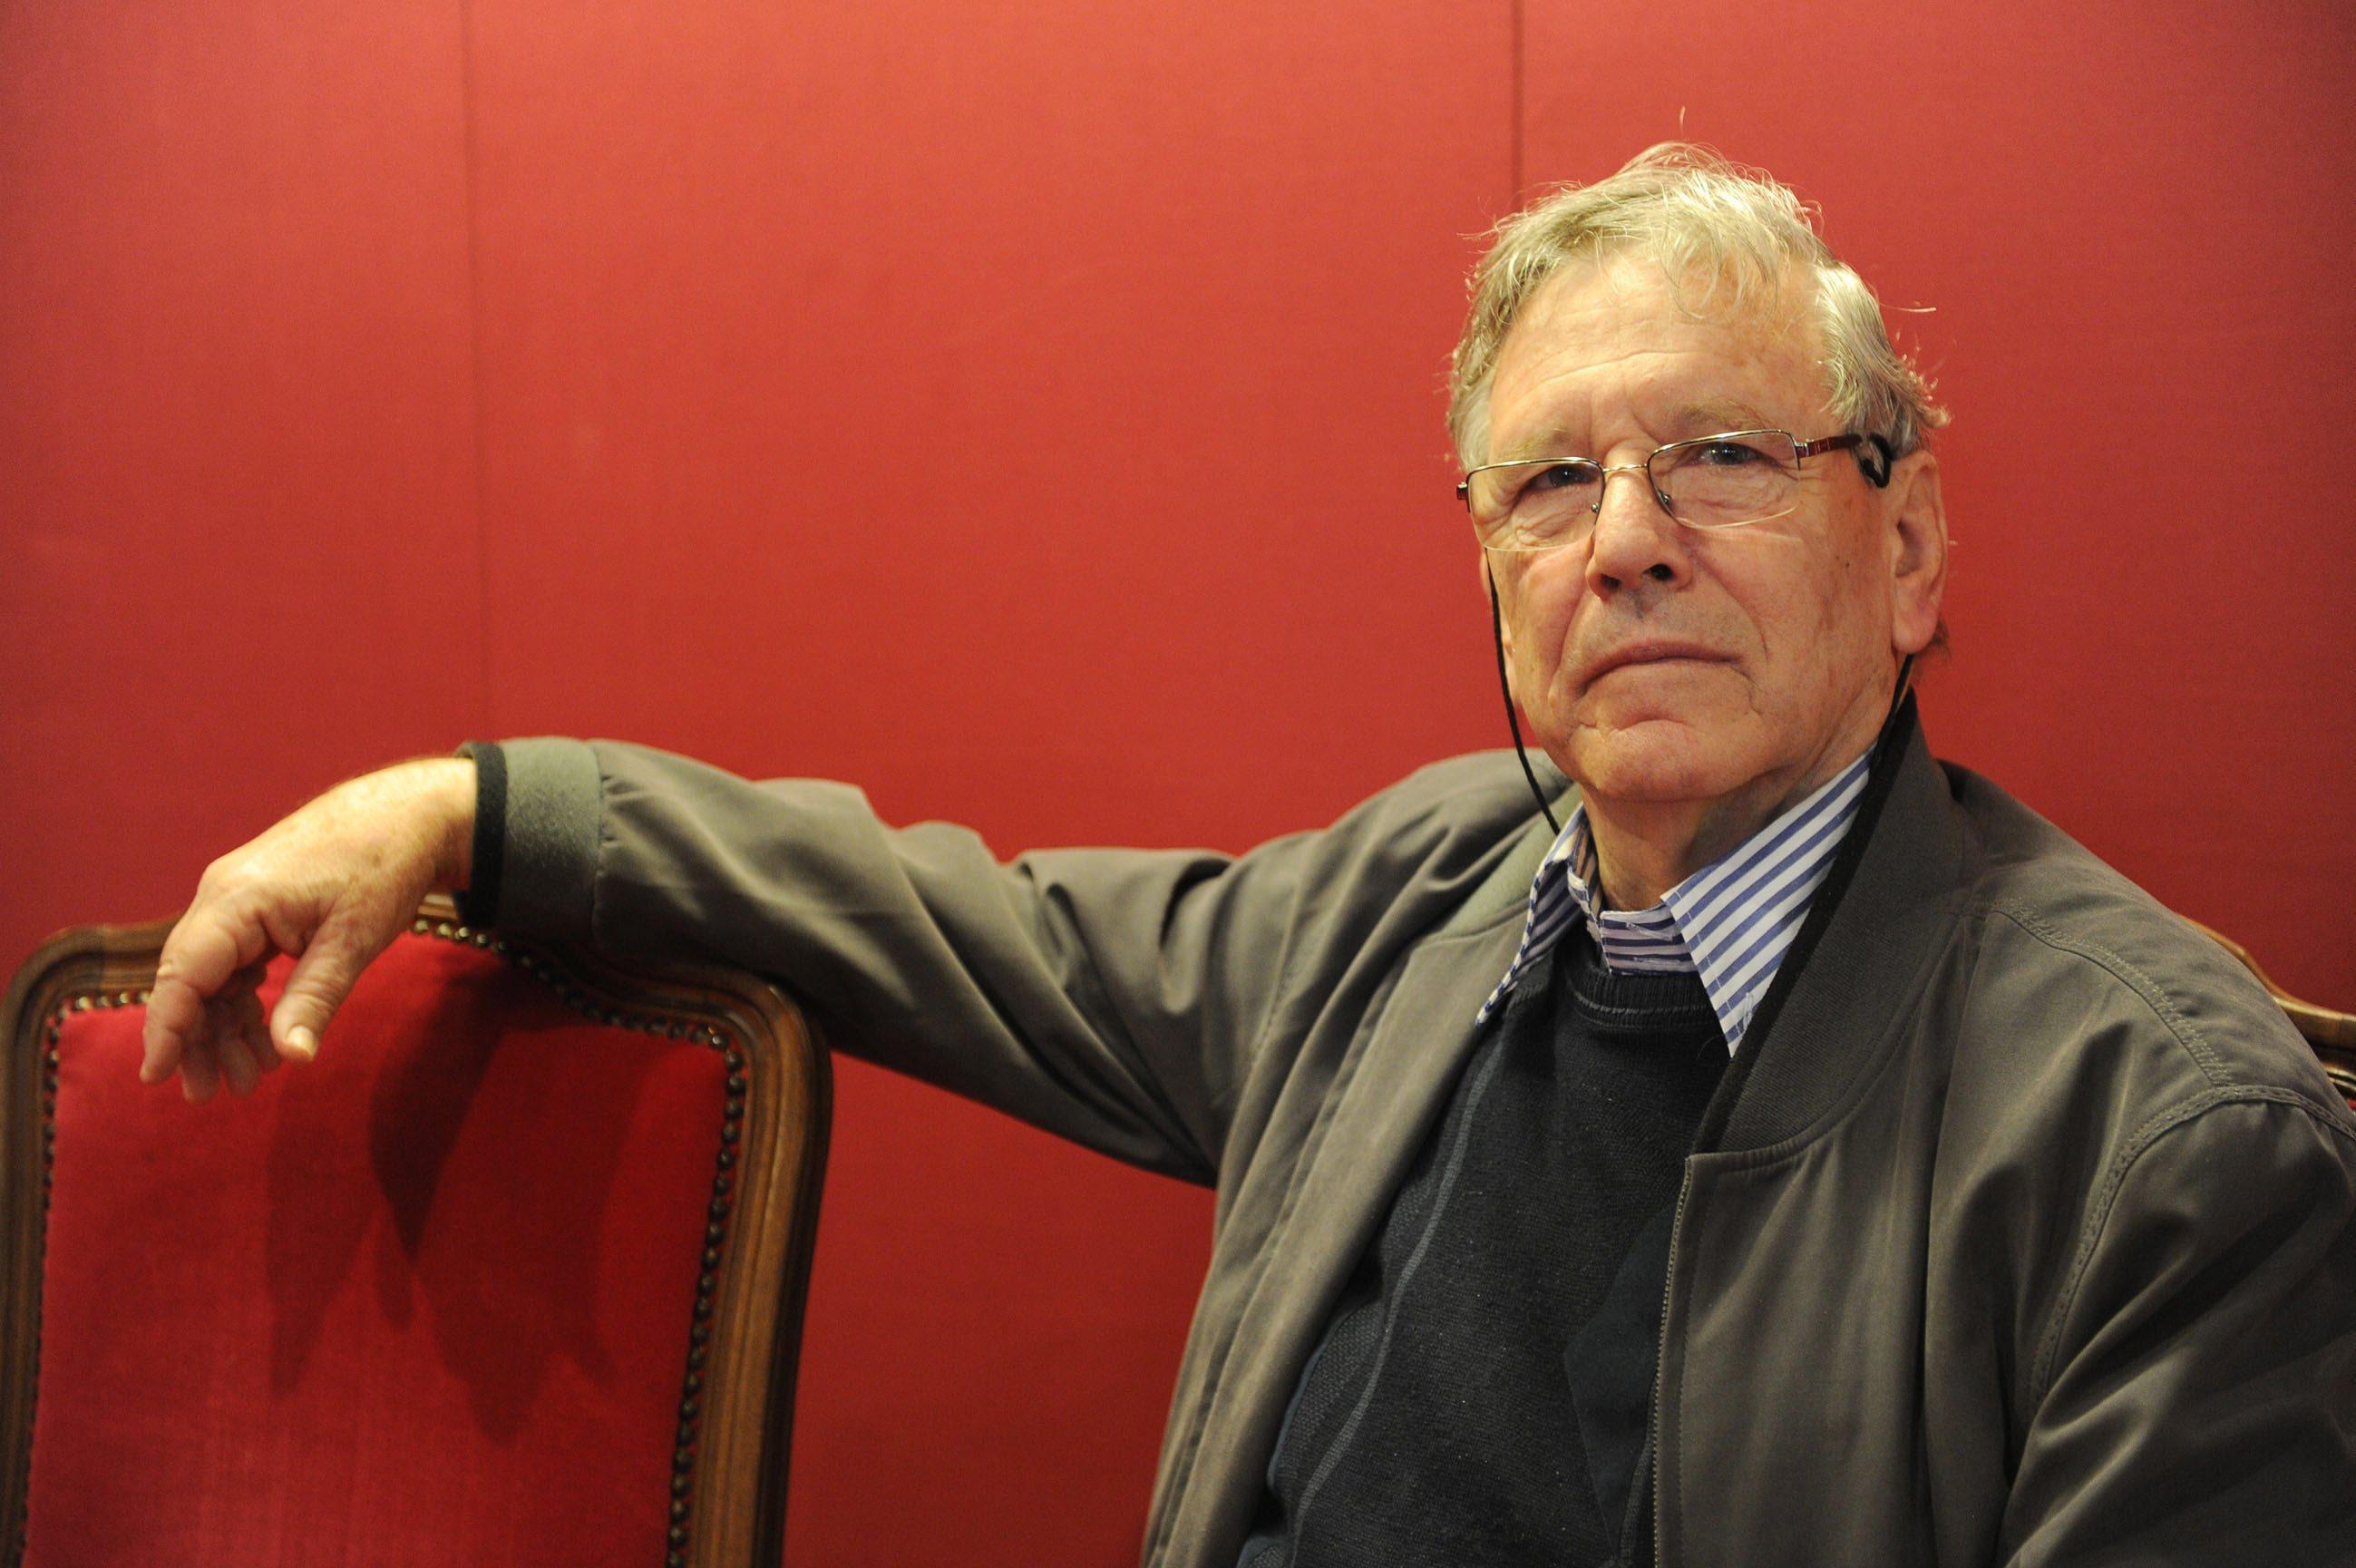 Oz vince il premio letterario giuseppe tomasi di lampedusa for Scrittore di lampedusa